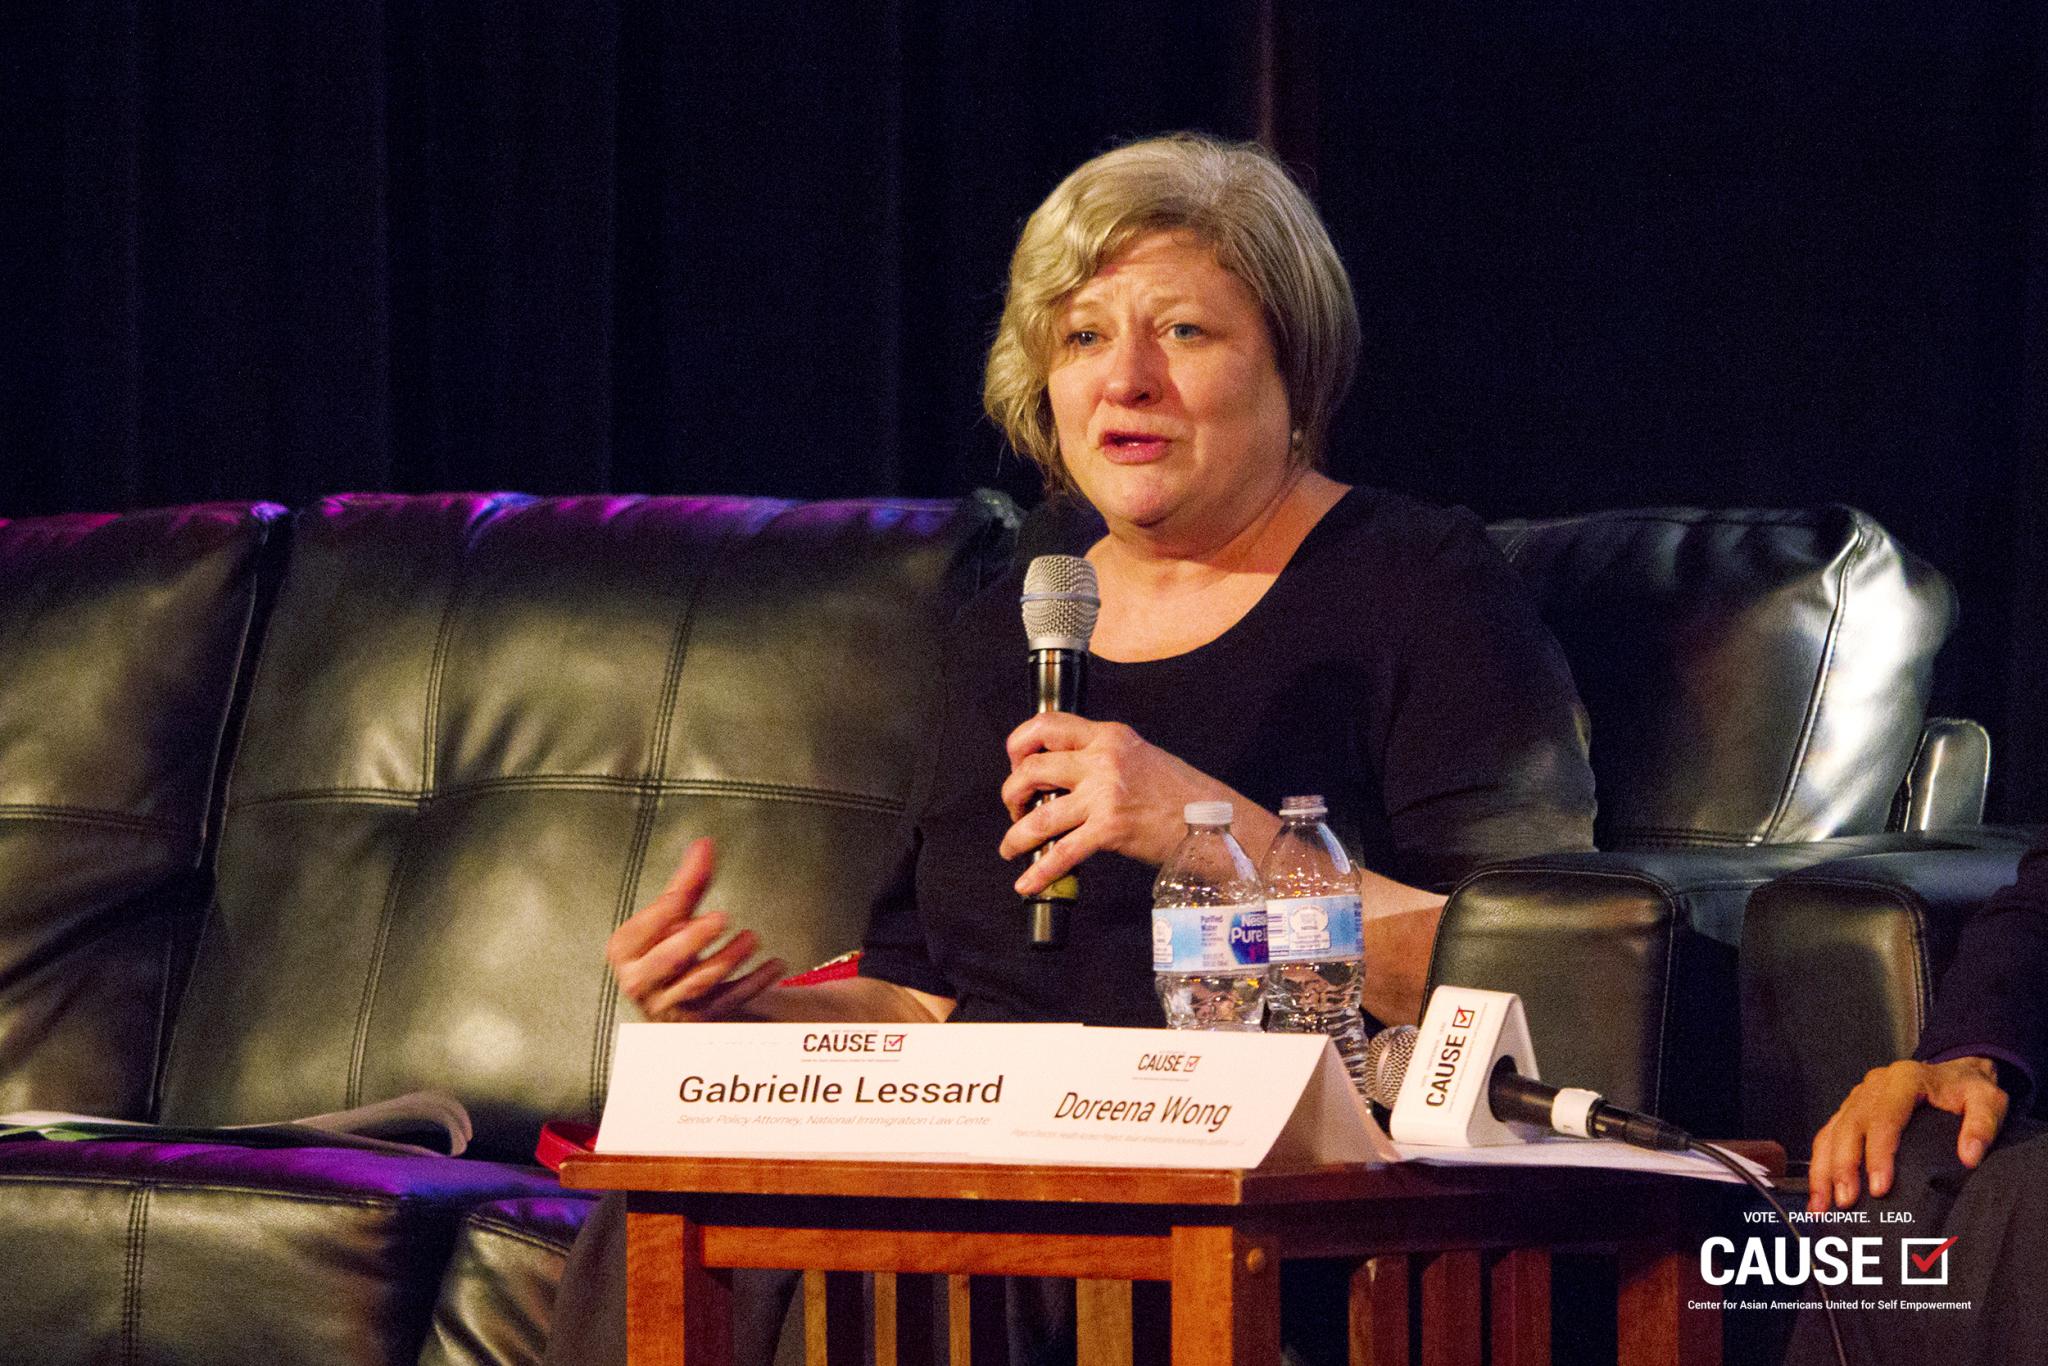 Gabrielle Lessard